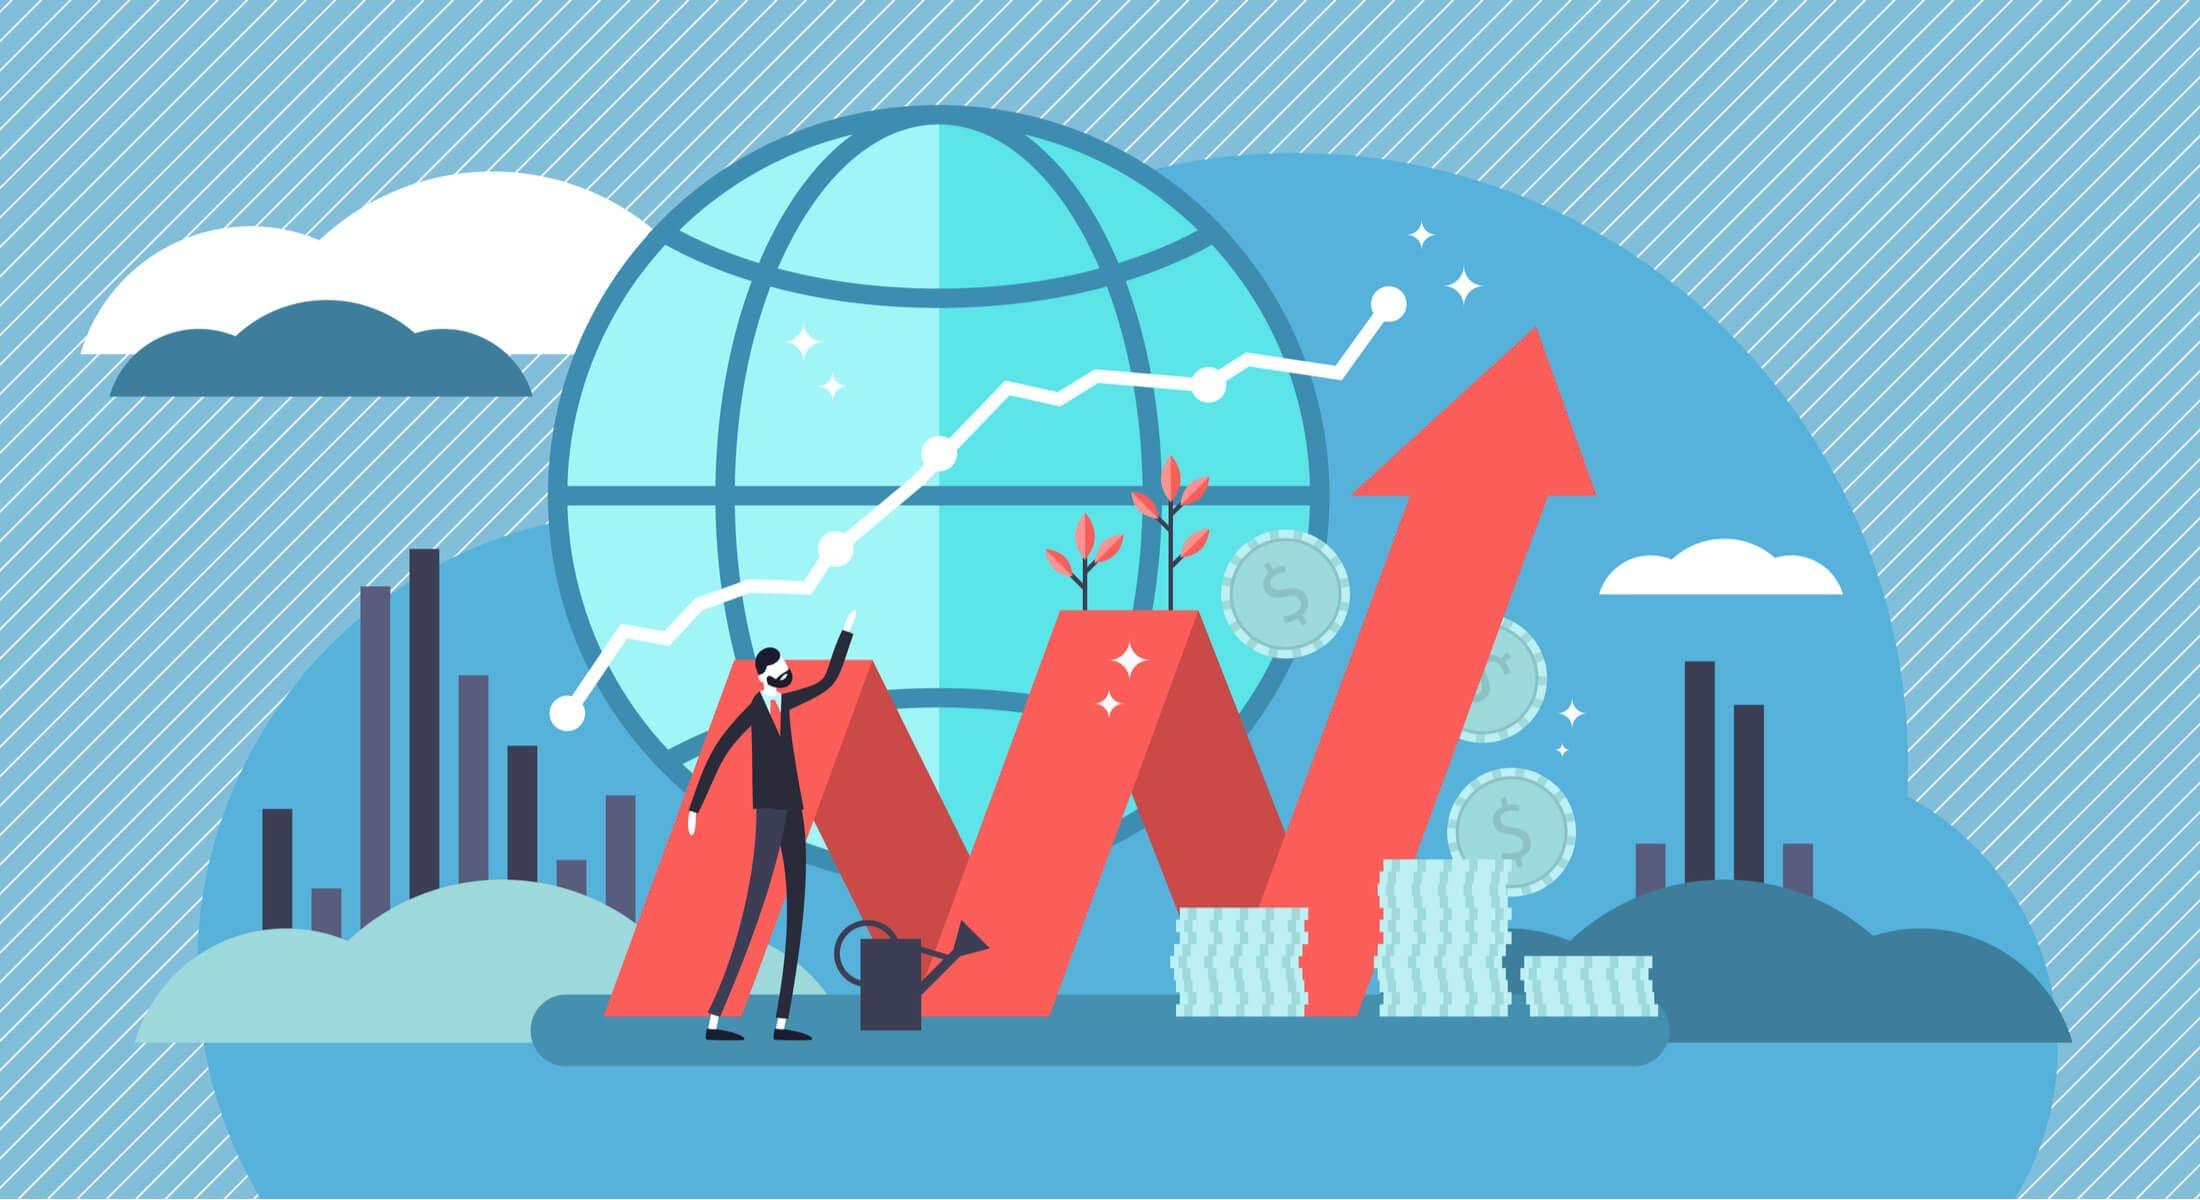 métricas para estratégias de canais de vendas